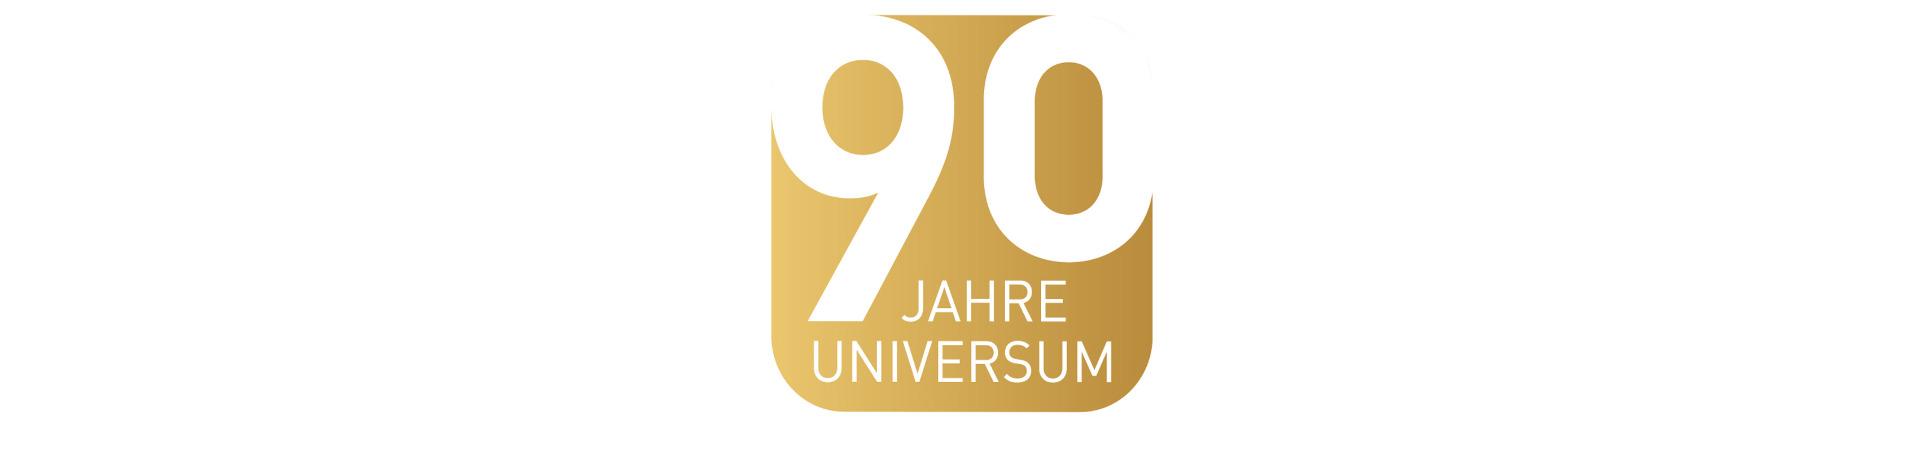 90 Jahre Universum Verlag